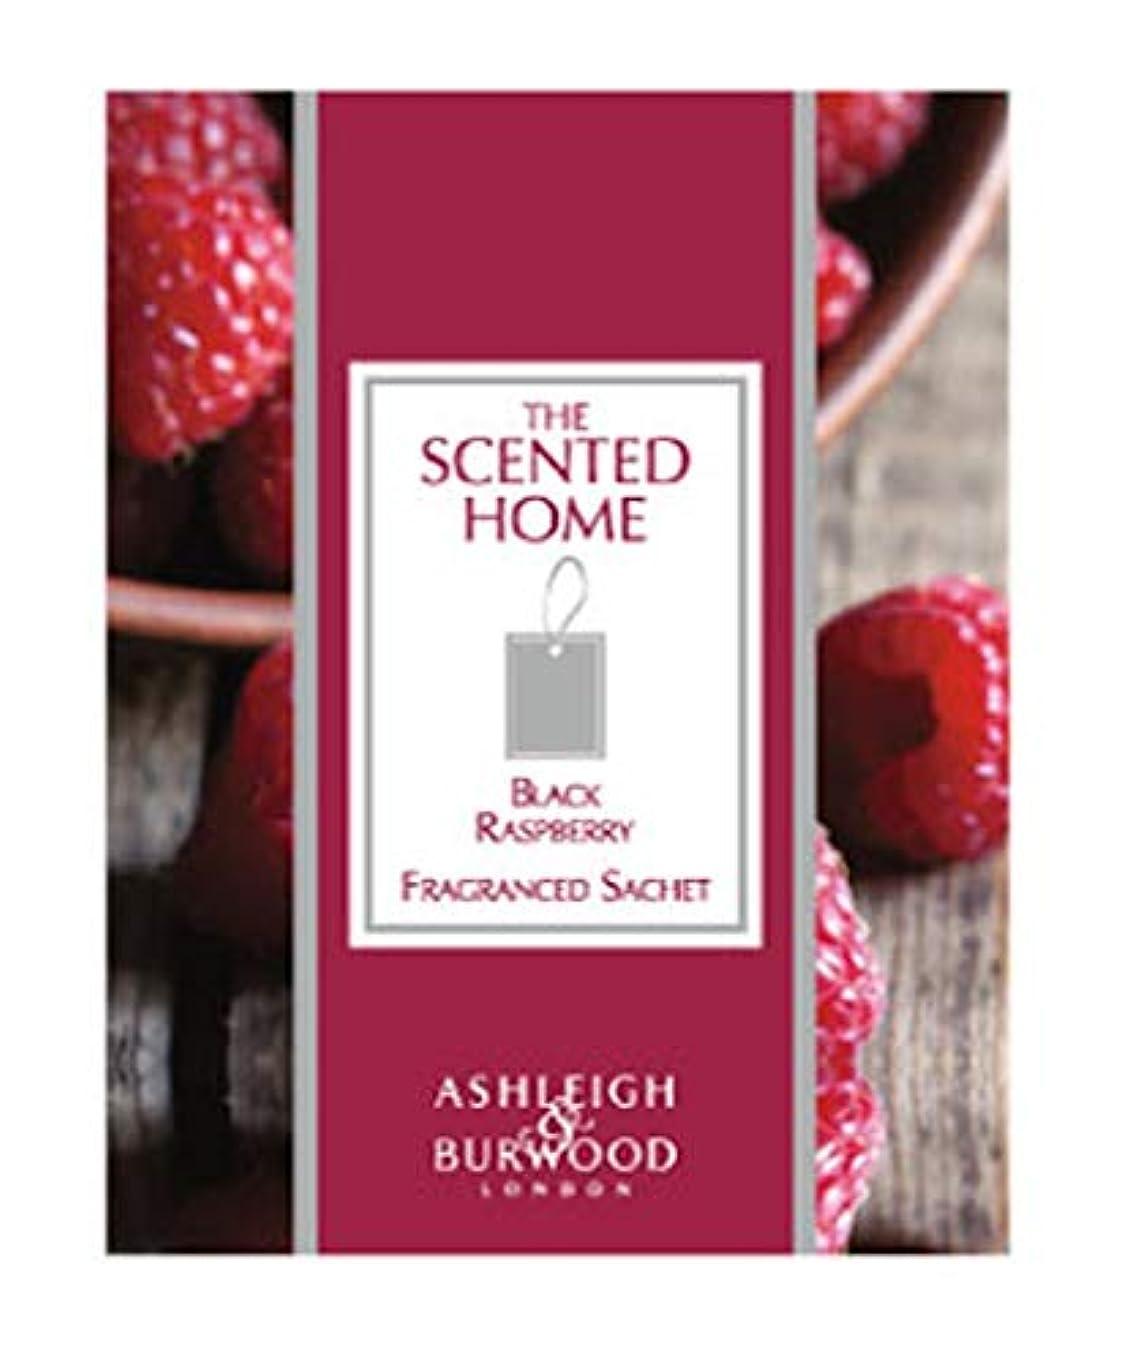 添加ハプニング囲いアシュレイ&バーウッド(Ashleigh&Burwood) Ashleigh&Burwood サシェ ブラックラズベリー Sachet Black BlackRasberry アシュレイ&バーウッド 105㎜×80㎜×5mm/3個